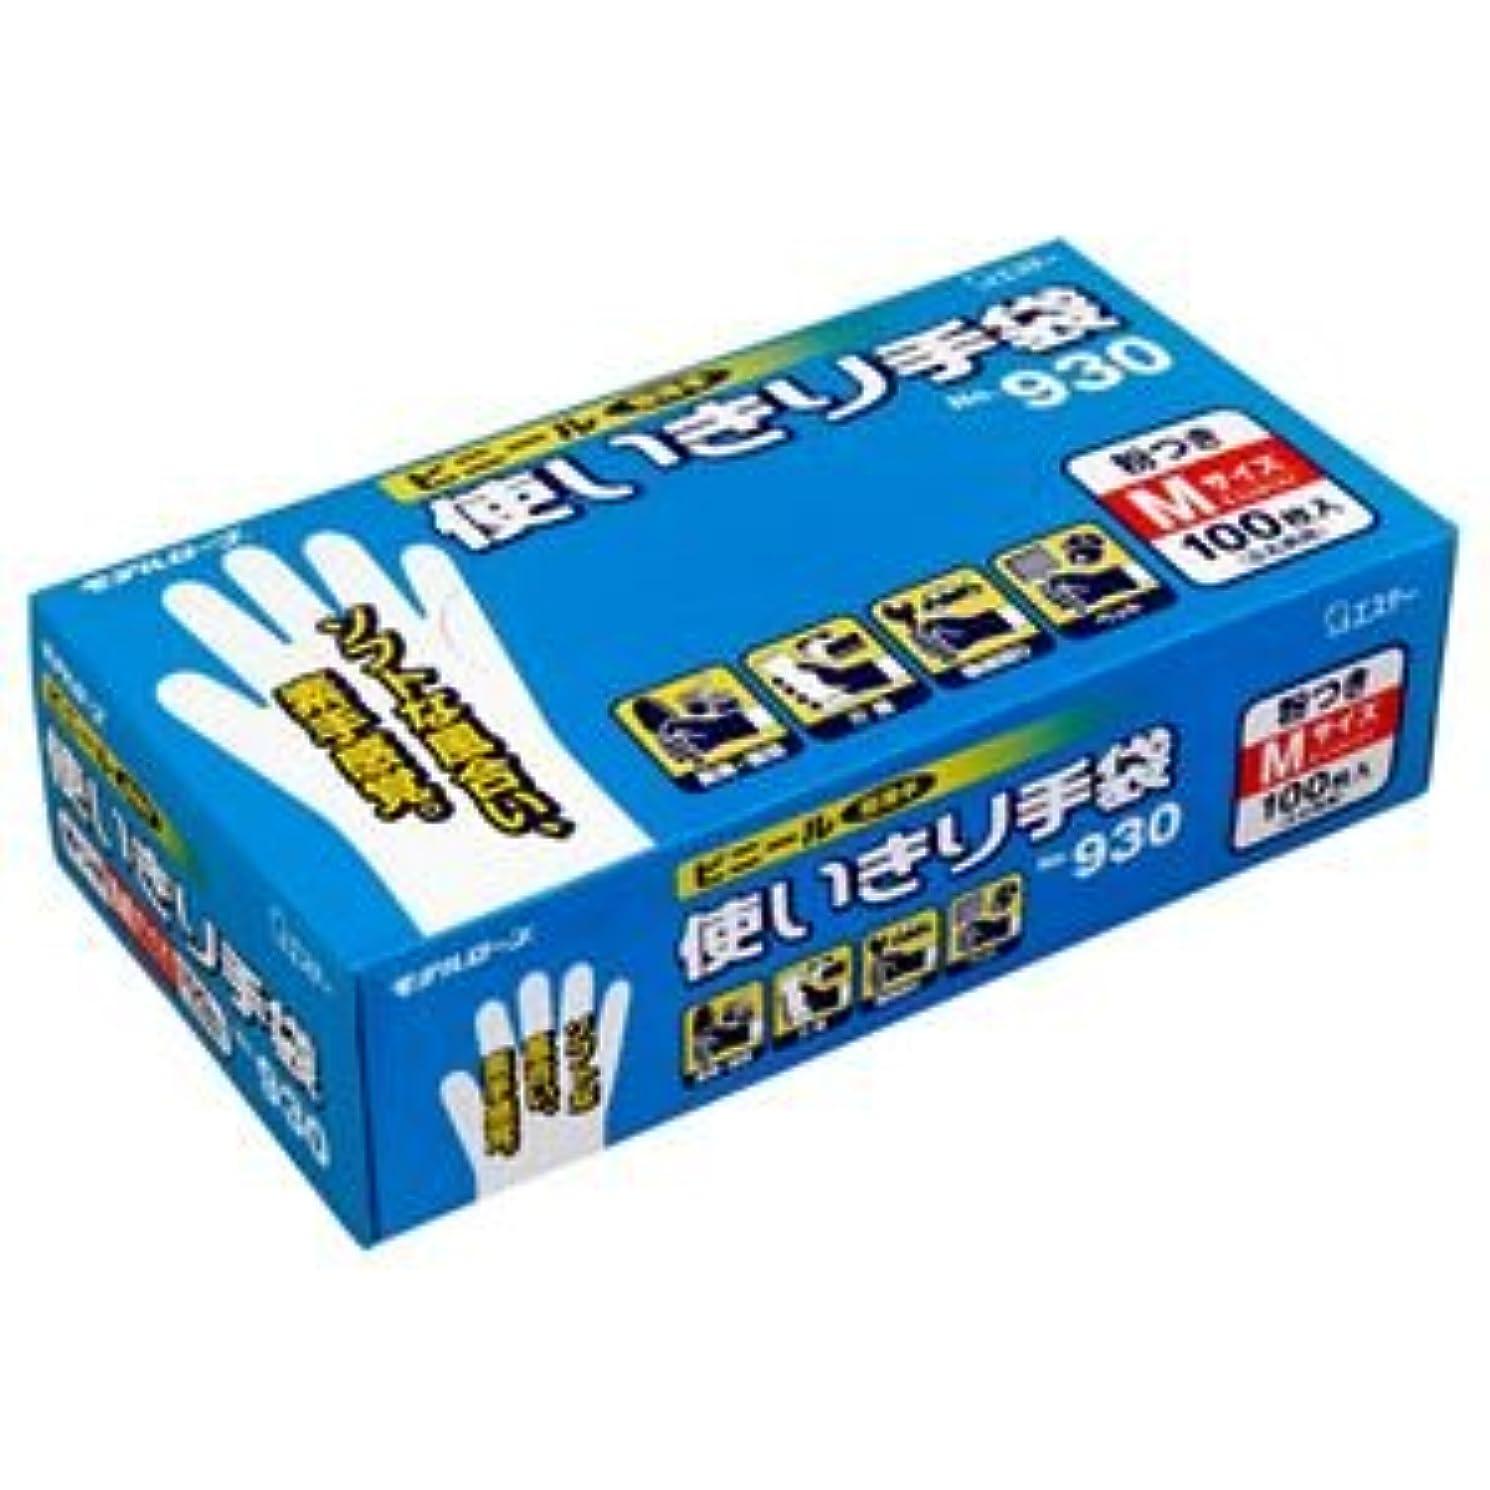 深める人里離れたシリアル(まとめ) エステー No.930 ビニール使いきり手袋(粉付) M 1箱(100枚) 【×5セット